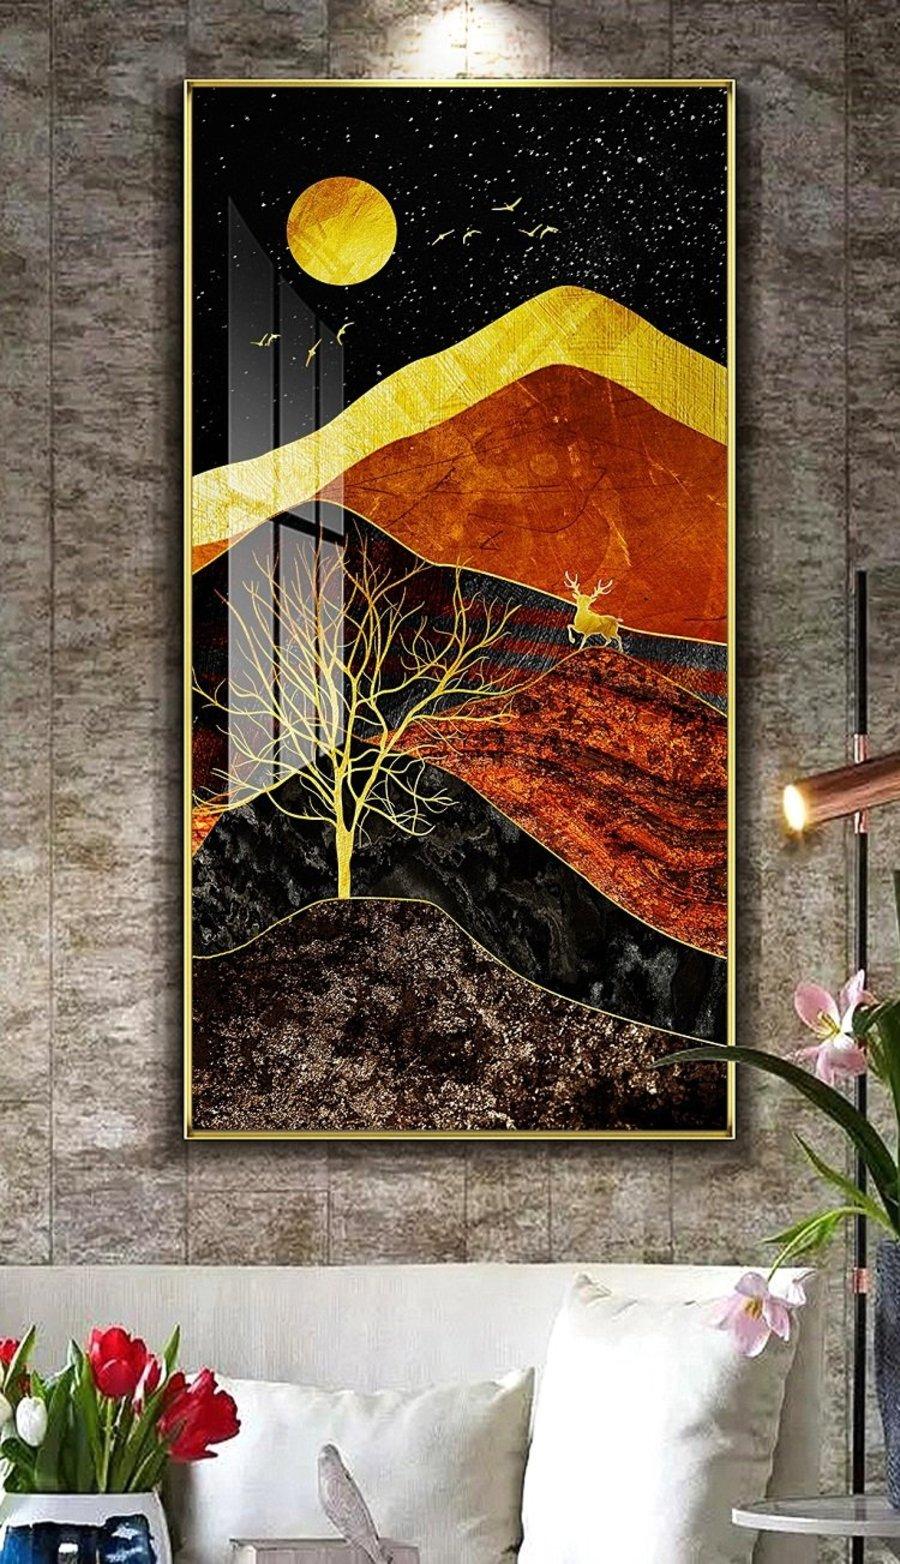 Tranh treo tường nai vàng dưới trời đêm (HG)